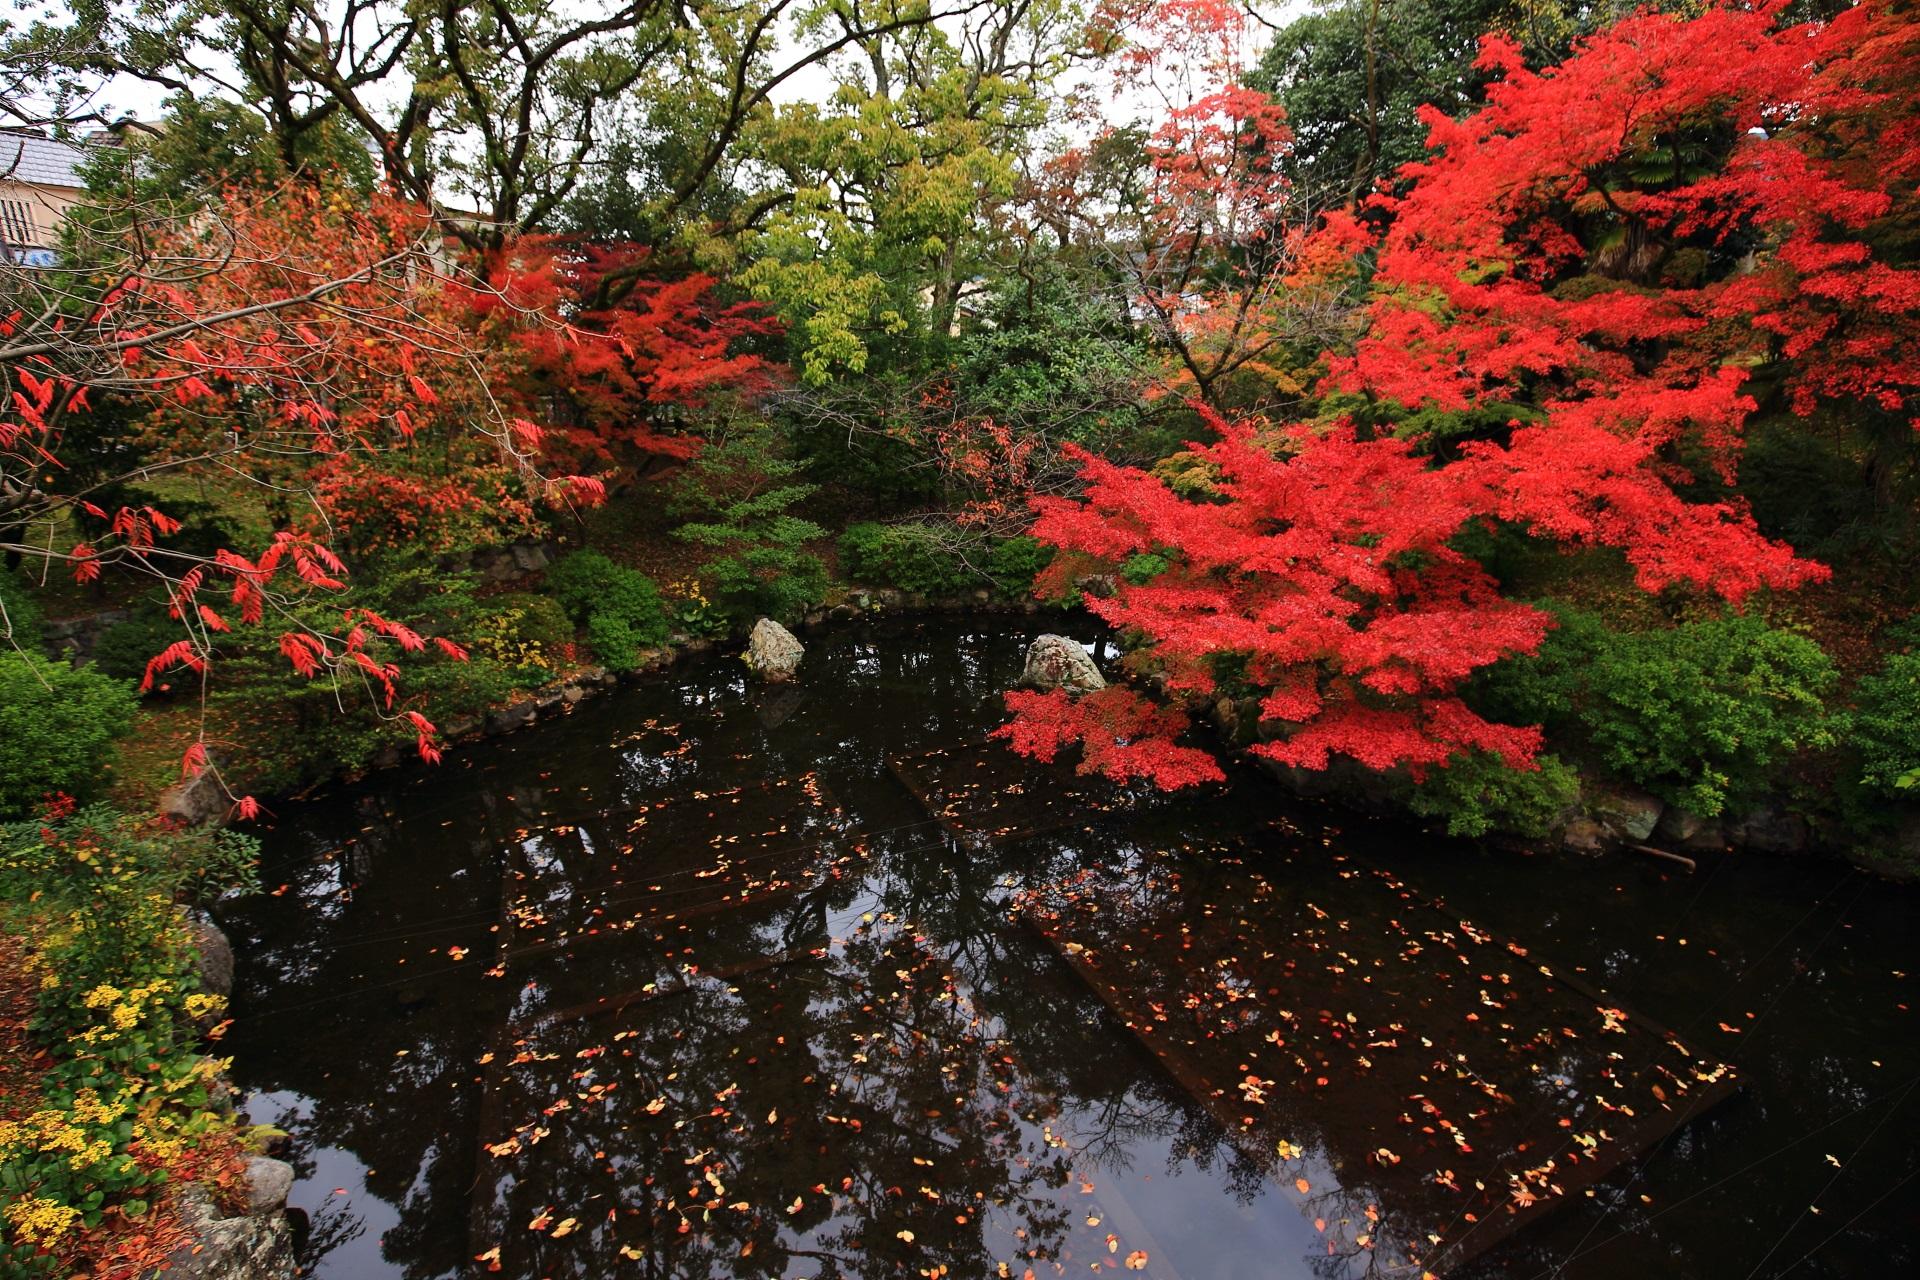 大谷本廟の西の入口にある皓月池(こうげついけ)の紅葉